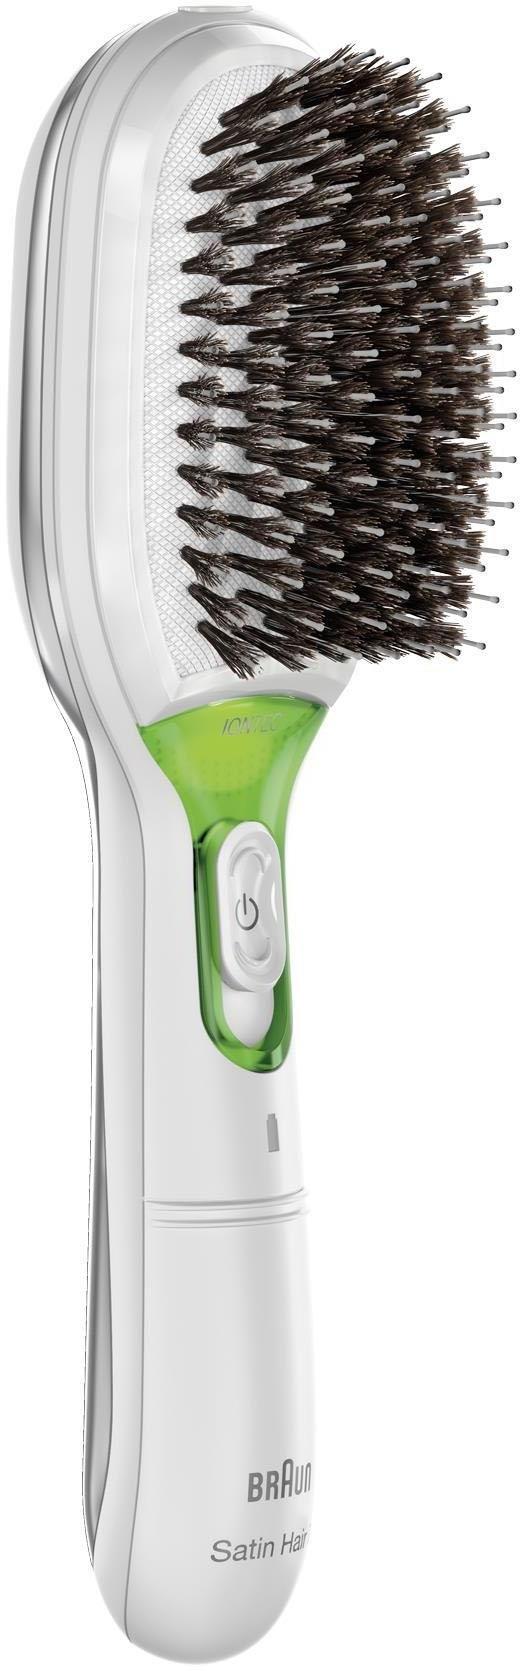 Braun Elektrische haarborstel BR 750 veilig op otto.nl kopen